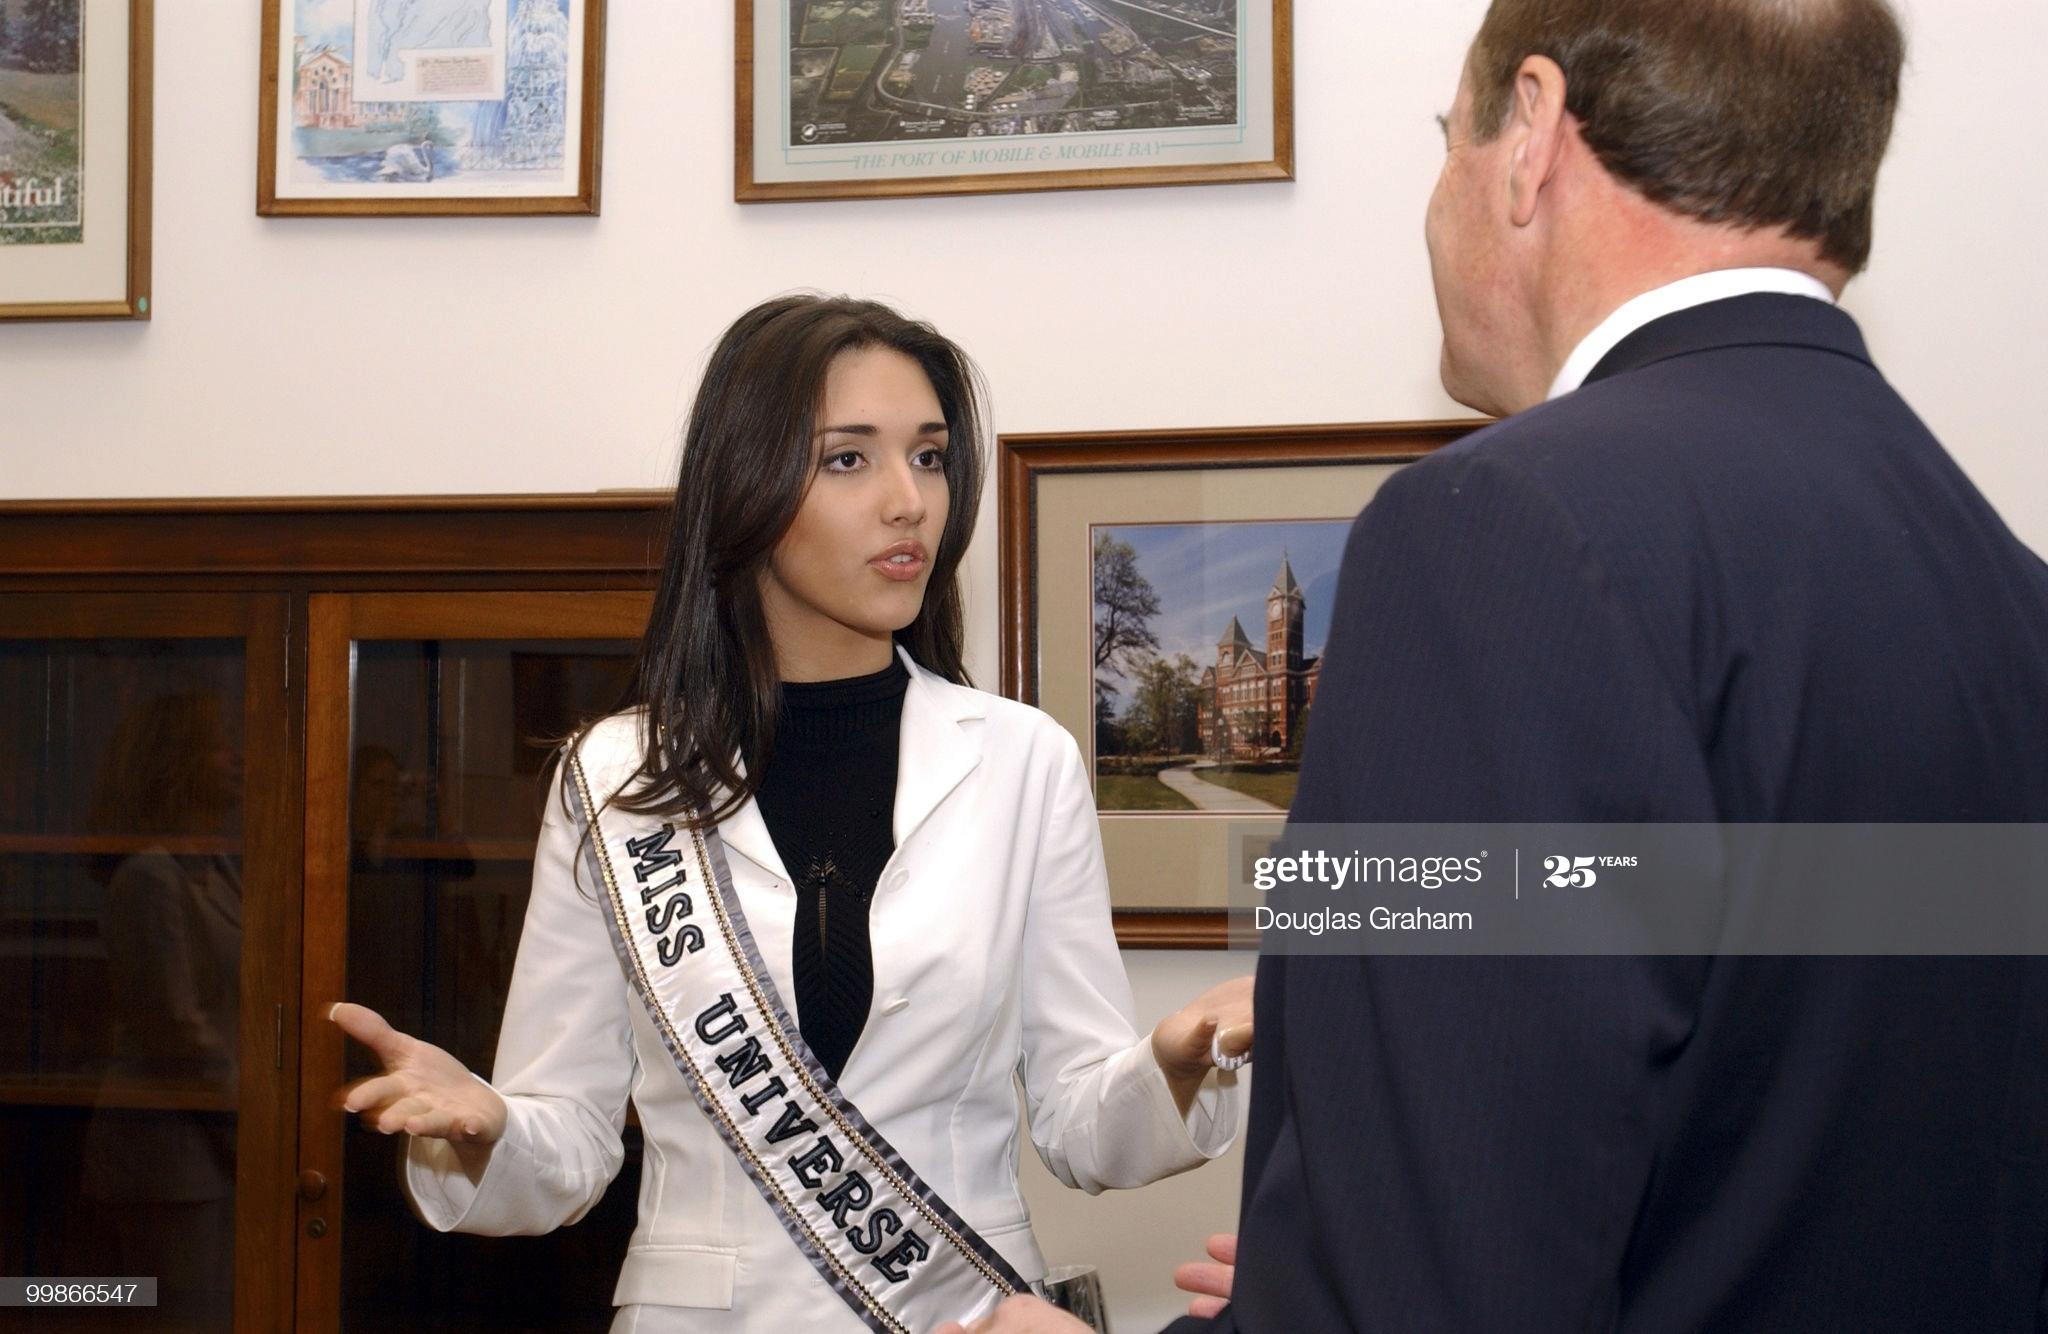 ════ ∘◦❁◦∘ ════ Amelia Vega, Miss Universe 2003. ════ ∘◦❁◦∘ ════ - Página 13 Amelia23